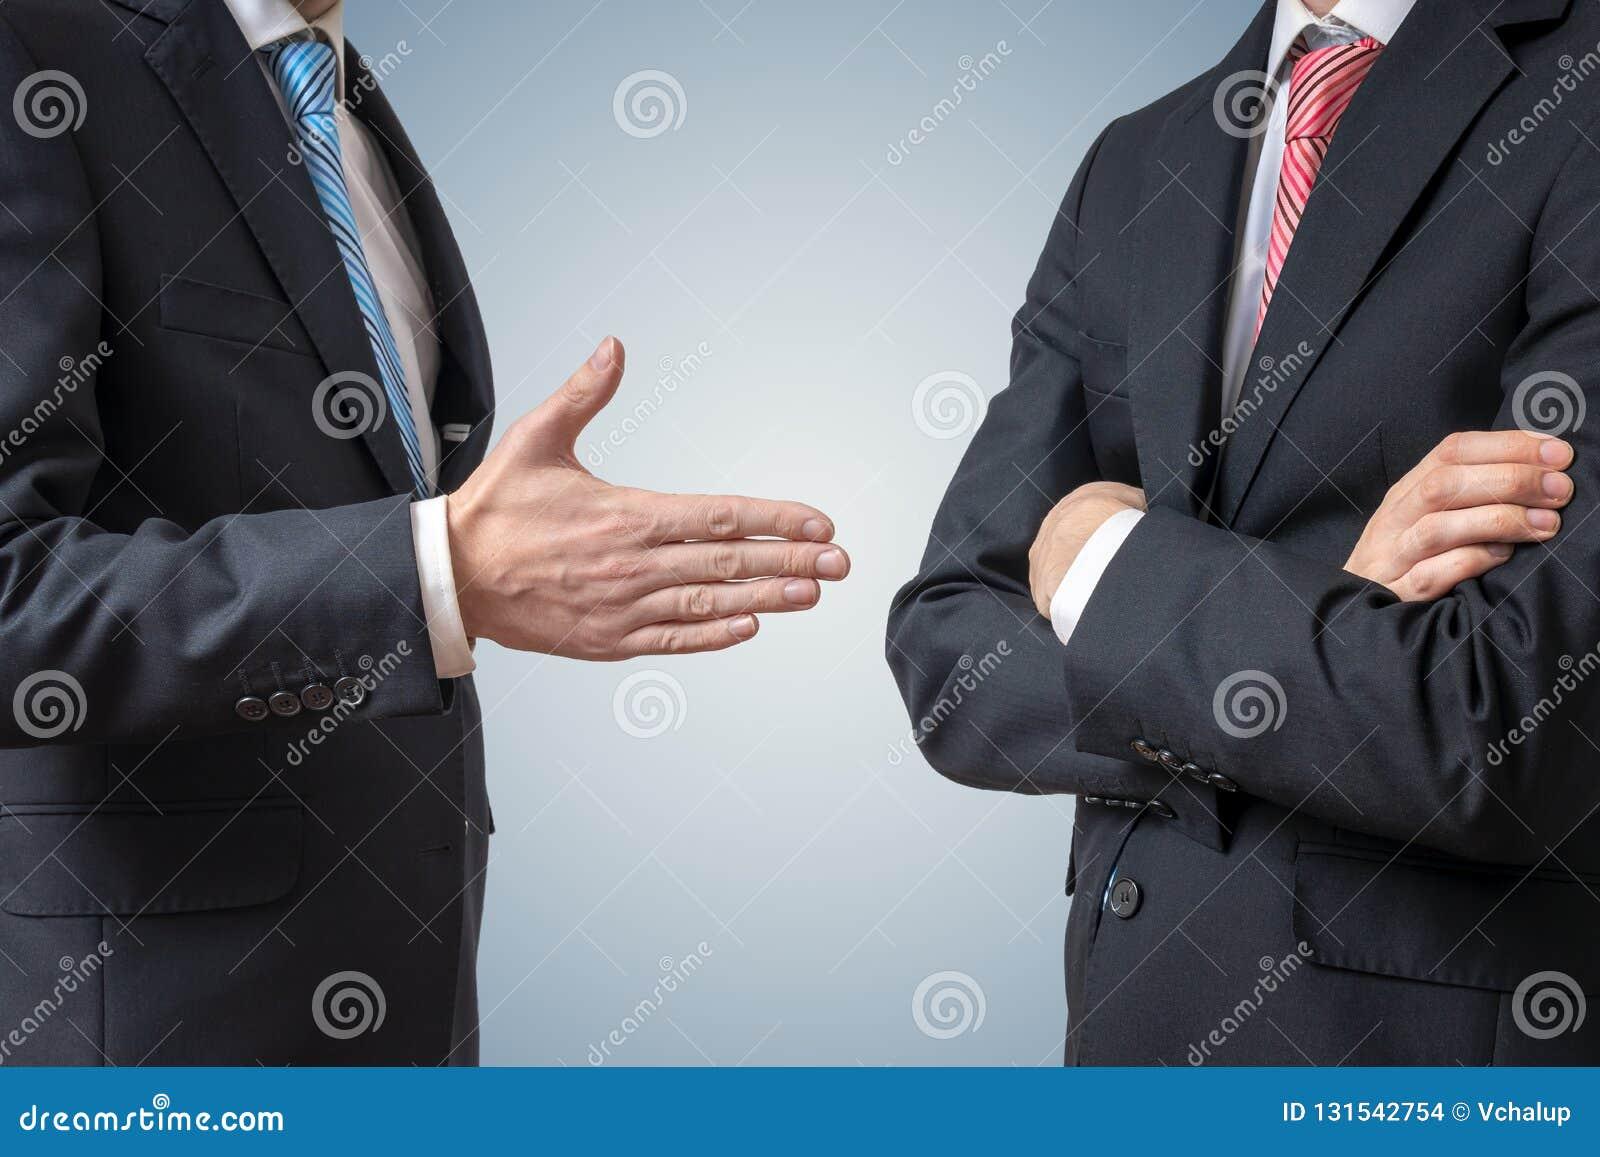 Recusa do aperto de mão O homem está recusando a mão da agitação com homem de negócios que está oferecendo sua mão